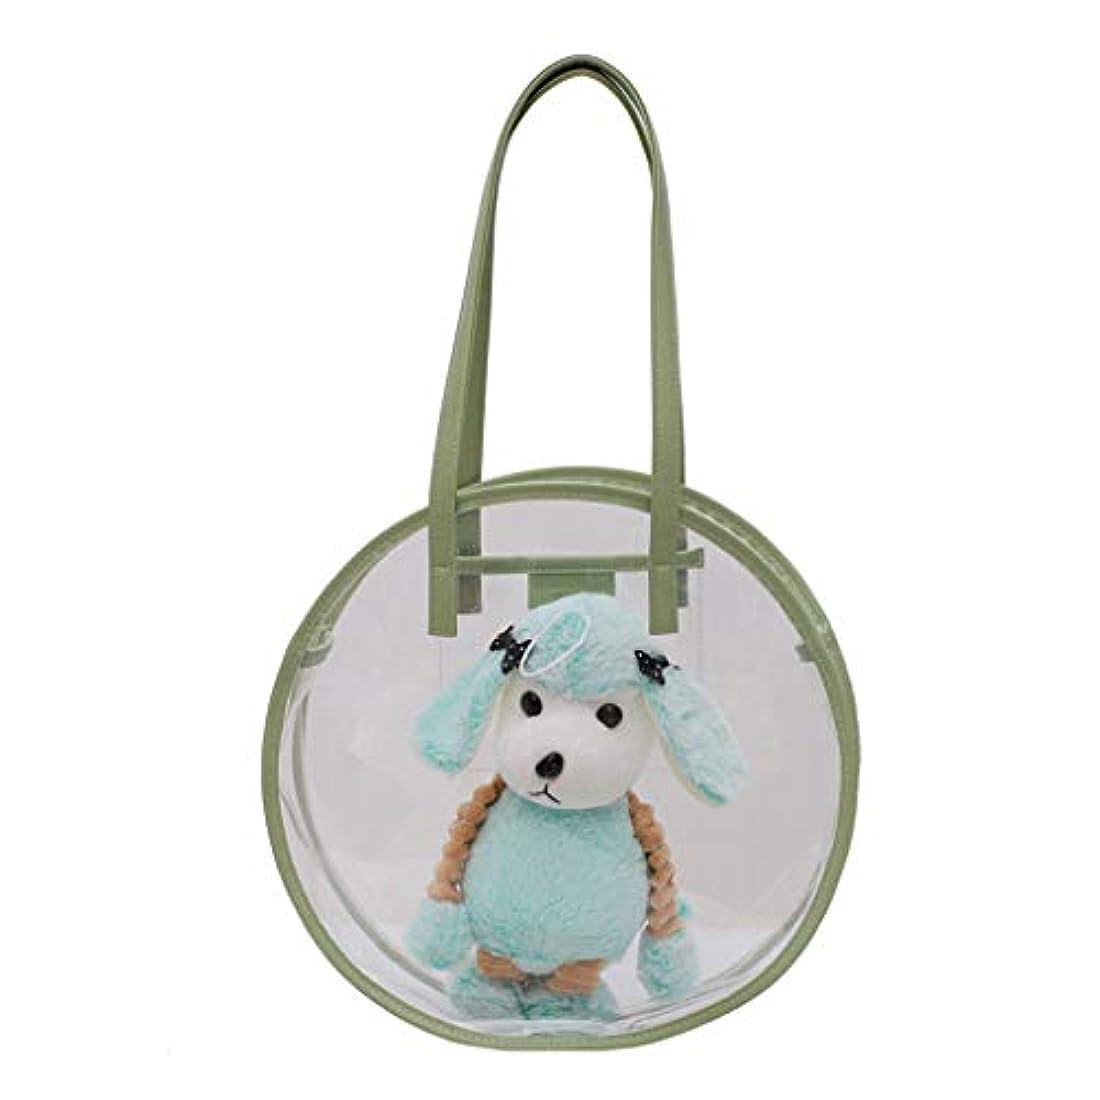 活発プレビューベリーかわいいファッション 犬の特徴 透明防水 ビーチバッグ ポータブル 透明化粧品バッグ 旅行用メイクポーチ ジッパー 防水 トートバッグ 取り外し可能 調整 33X9X33cm 3色